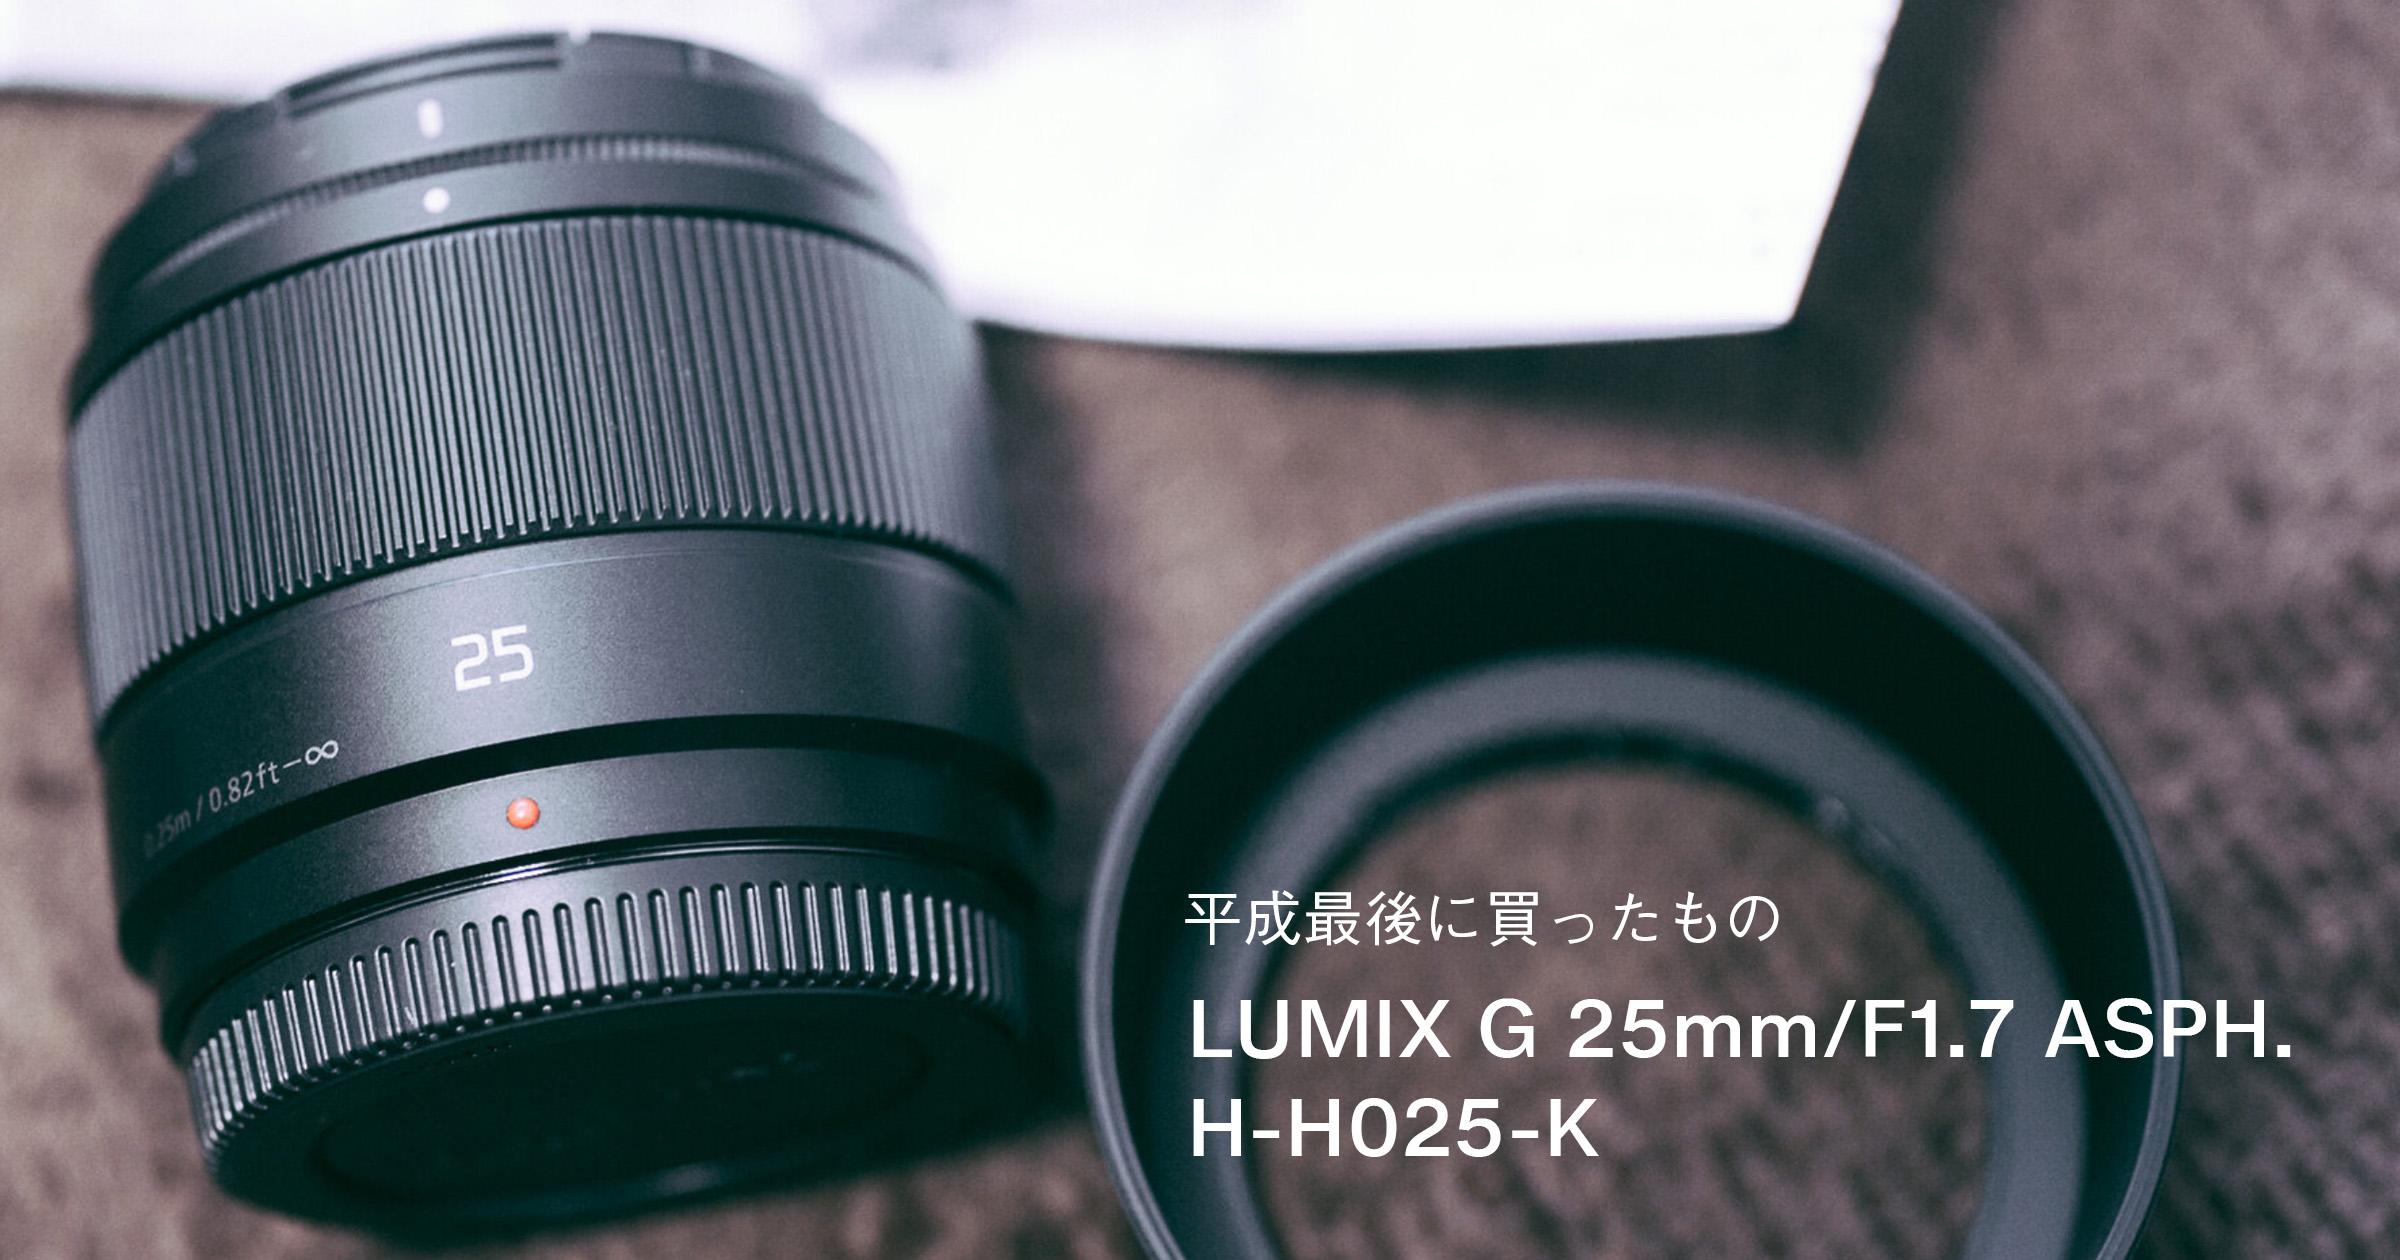 平成最後に買ったレンズ 「LUMIX G 25mm/F1.7 ASPH. H-H025-K」